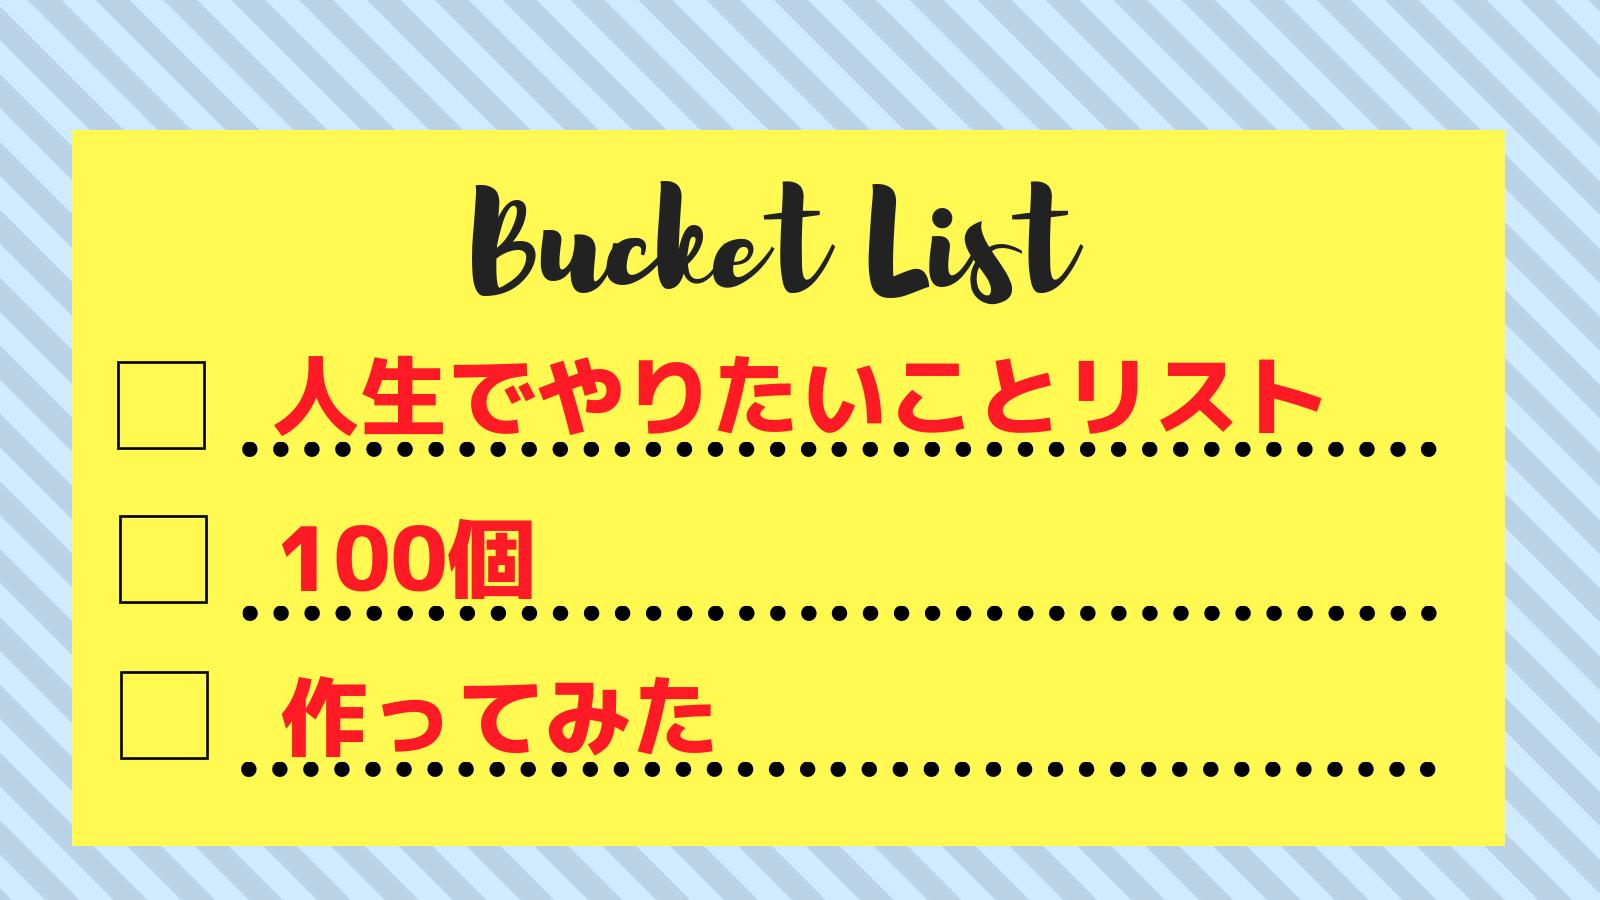 人生でやりたいことリスト bucket list バケットリスト 100個 作って